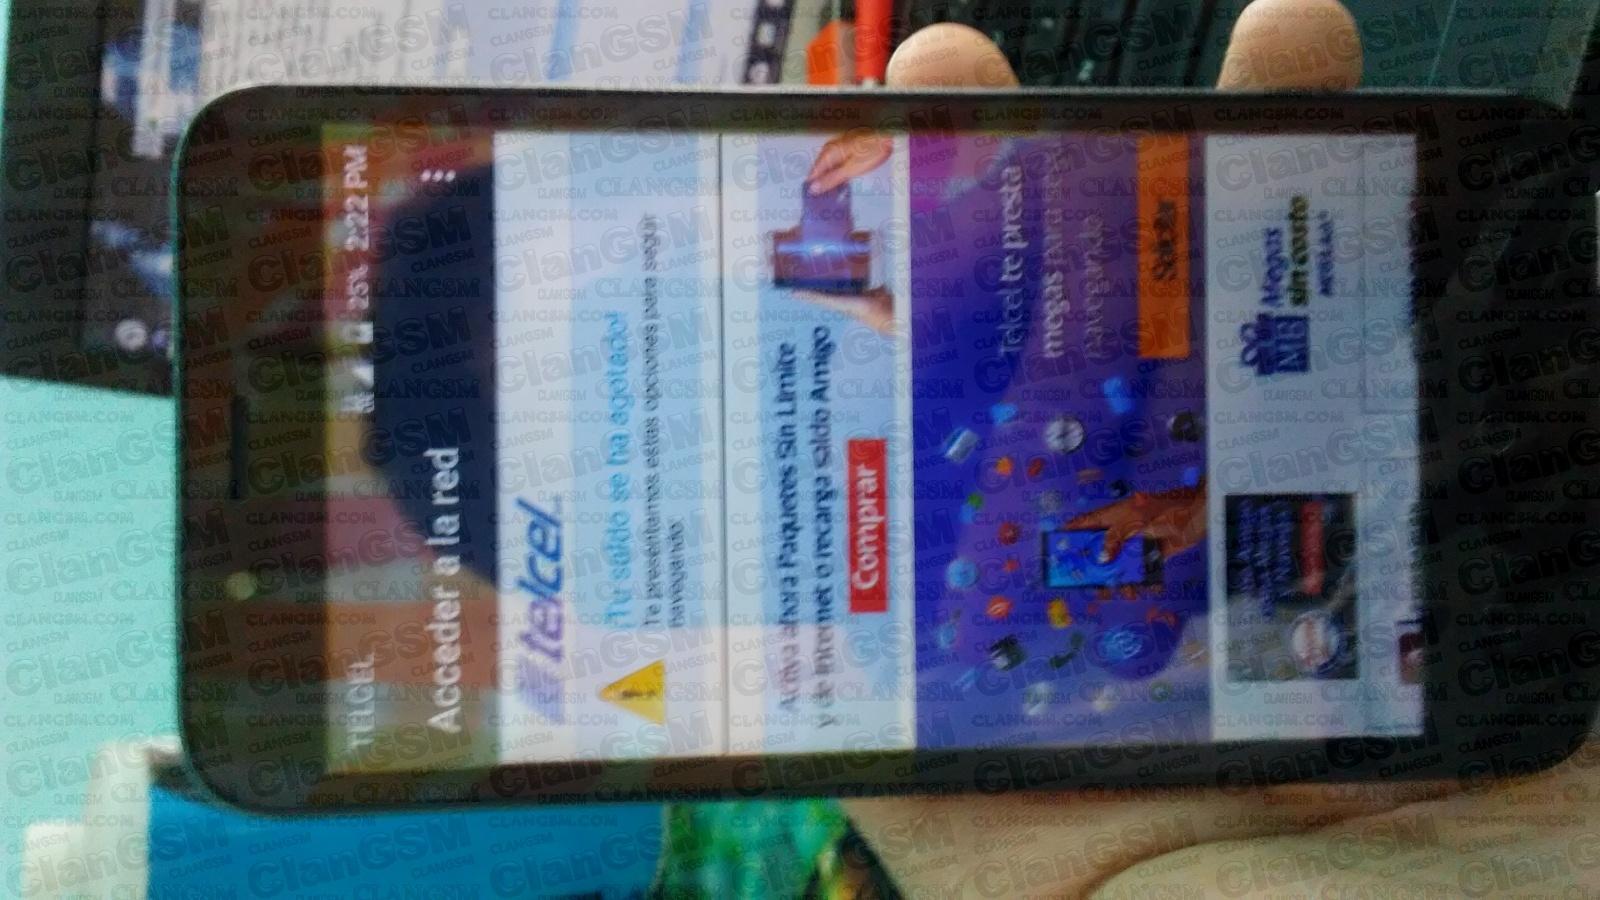 Unlock Exitoso Para Coolpad 3622a De T-mobile- Nck Dongle Pro + Umt